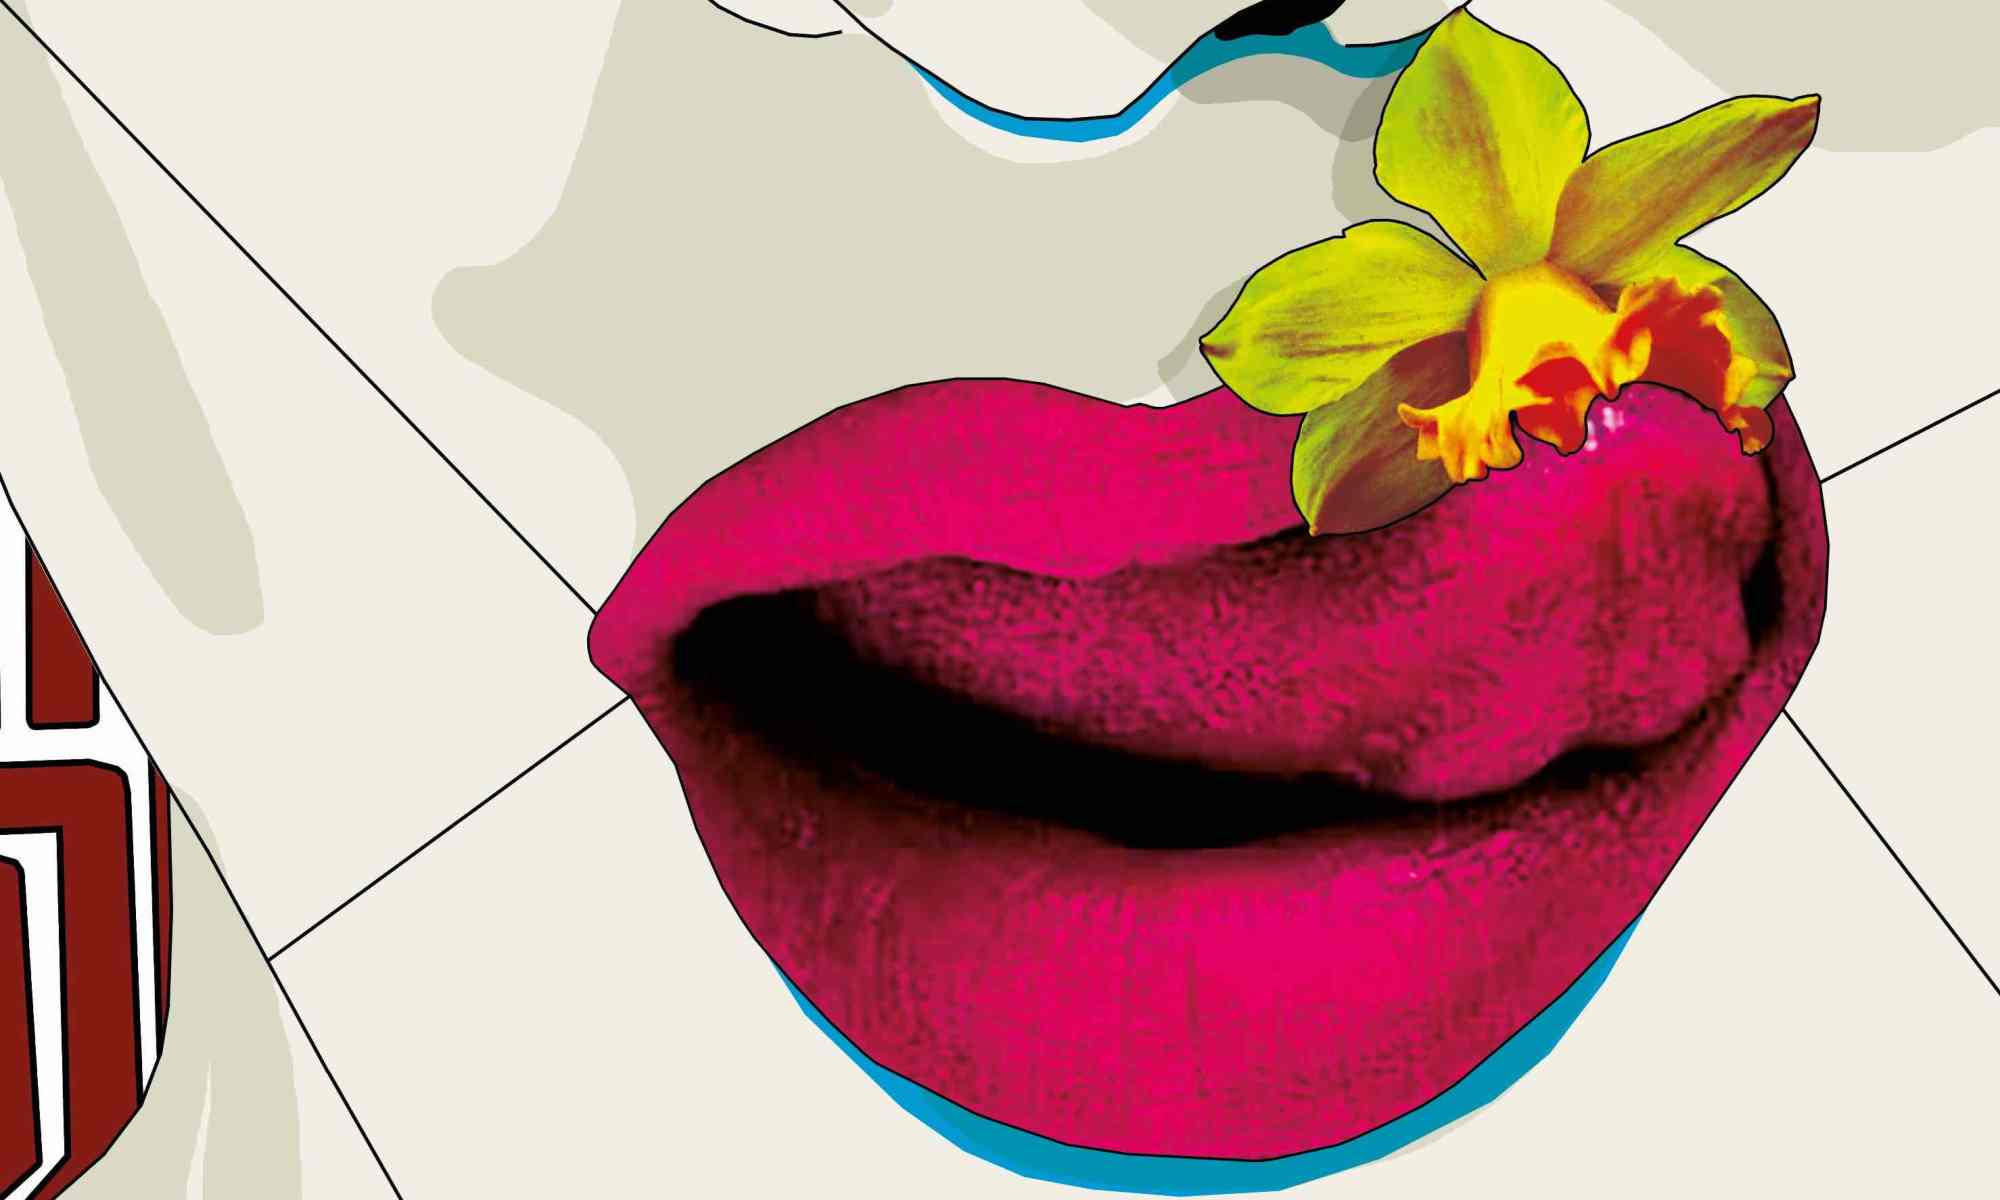 bocca-labbra-lingua-naso-fiore